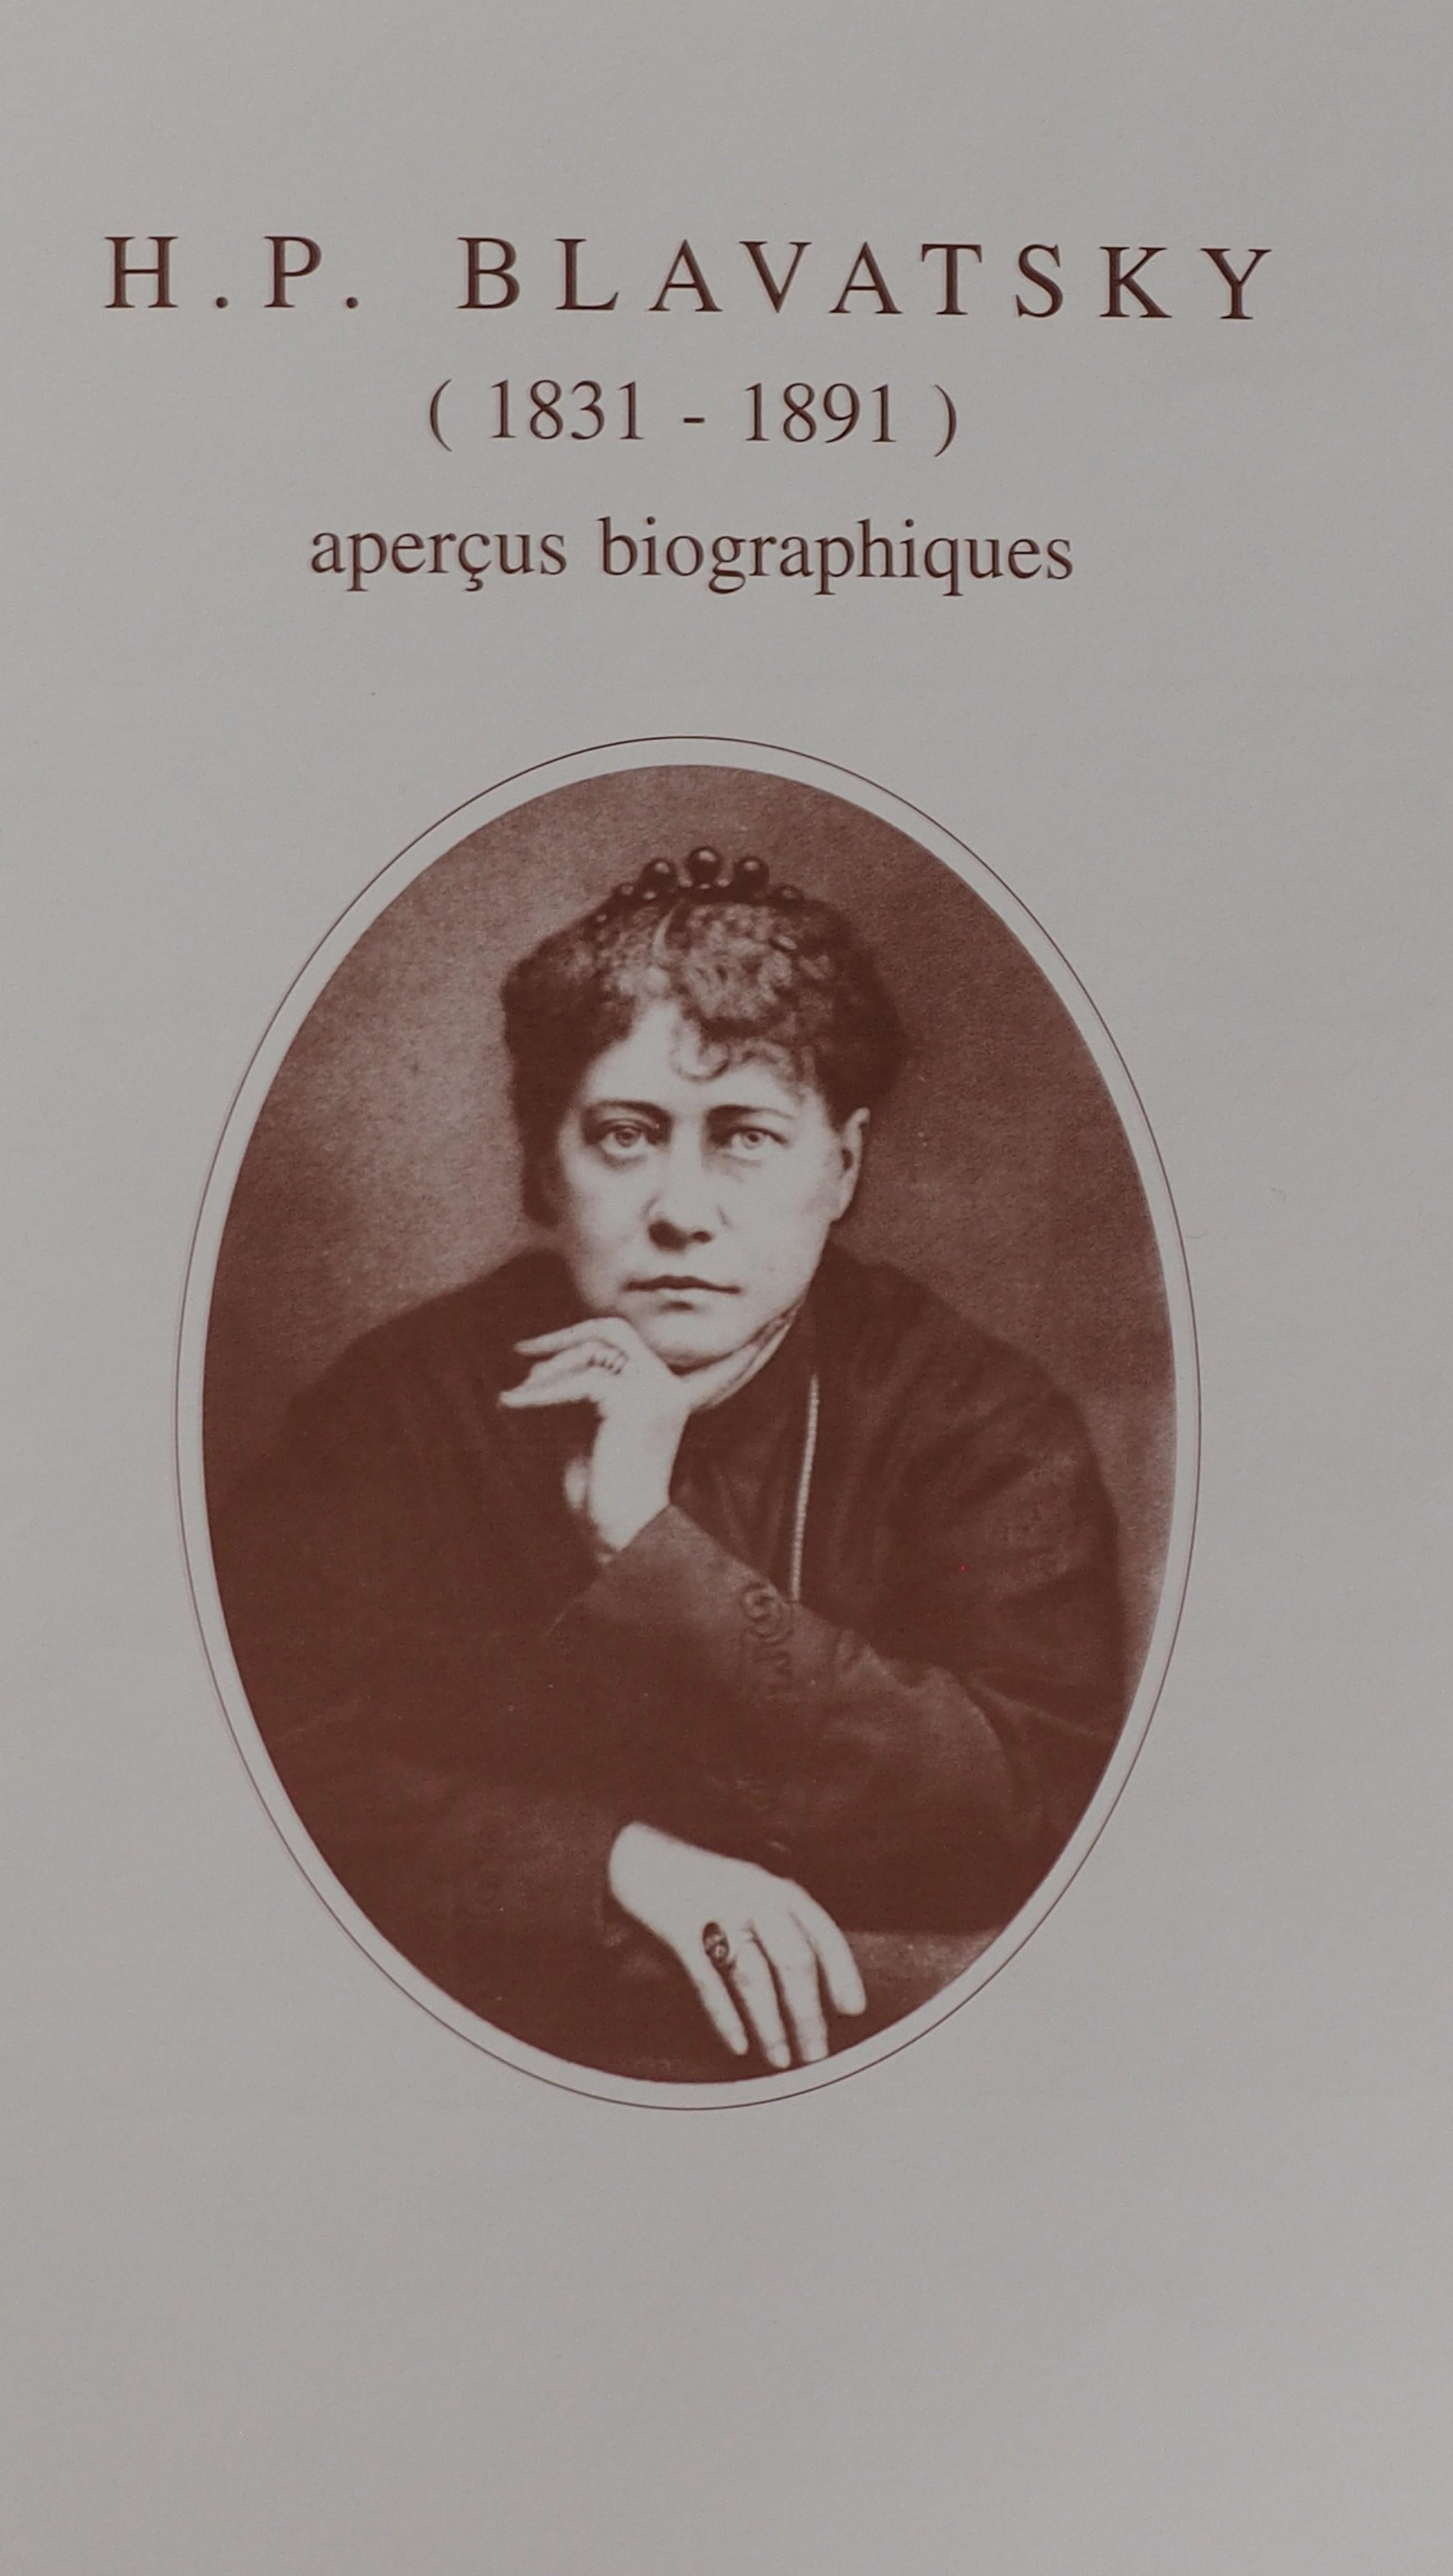 Photo couverture des Aperçus biographiques de H.P.Blavatsky